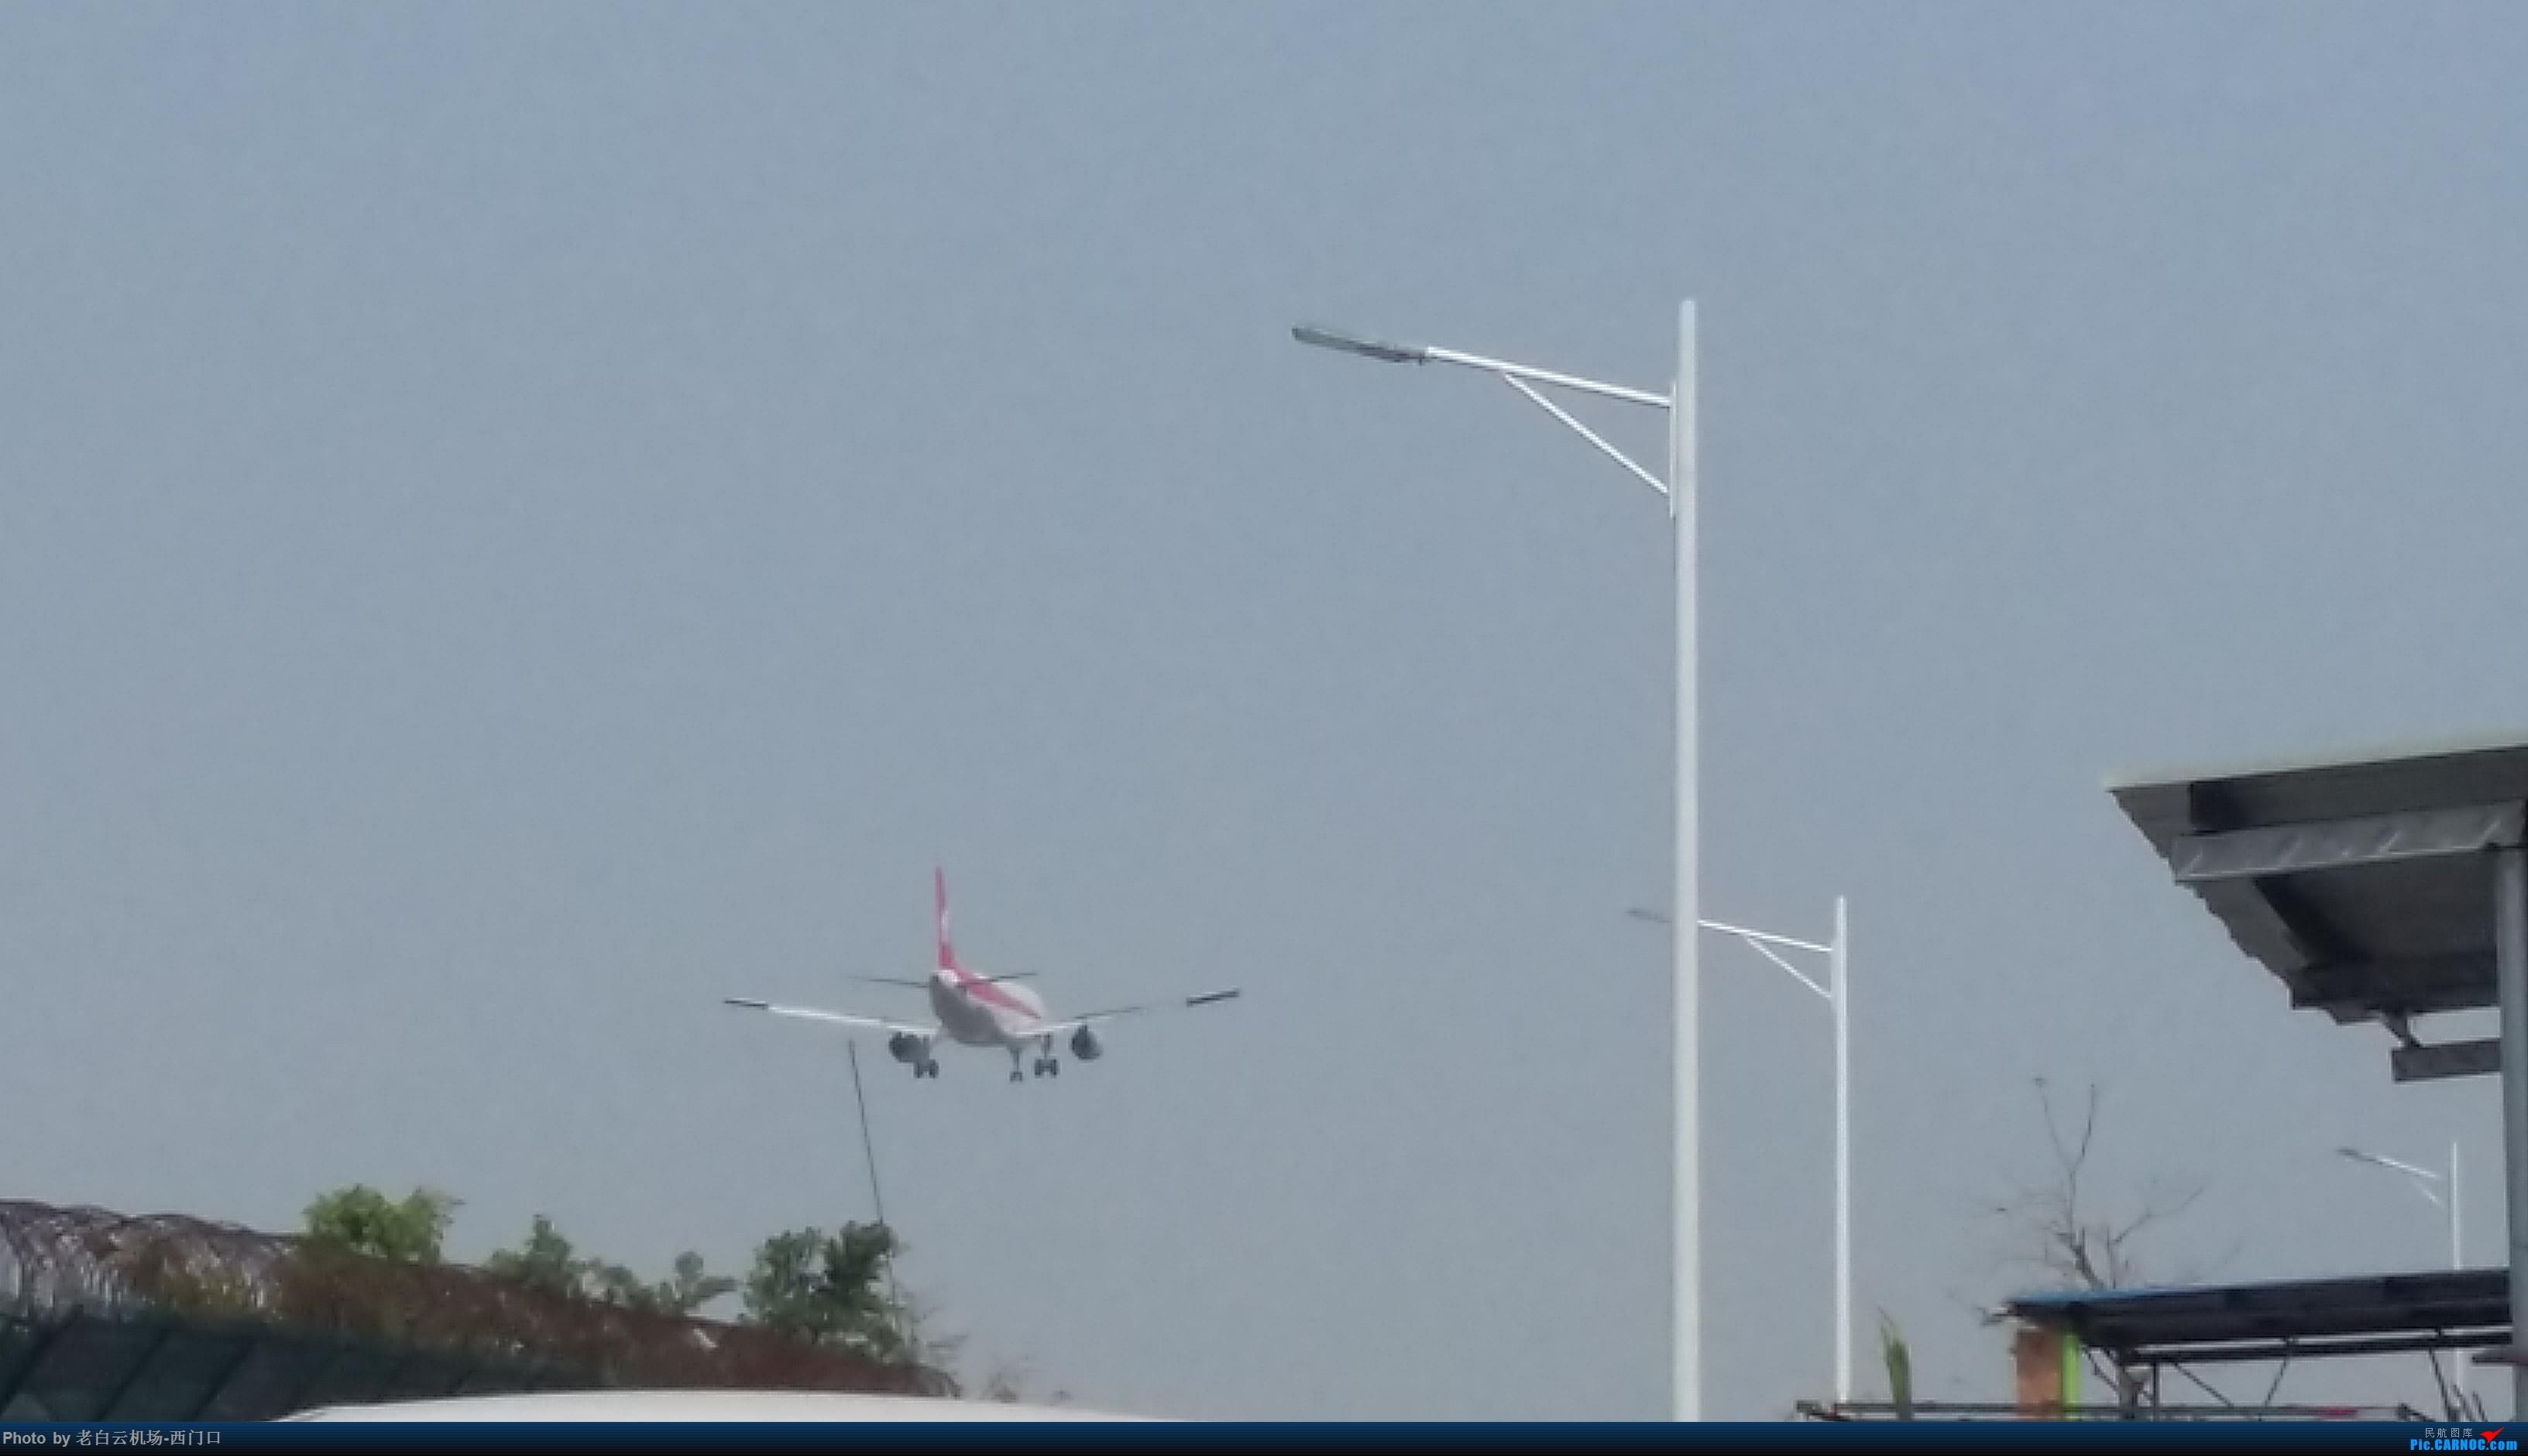 Re:[原创]我的拍飞机心情(广州) AIRBUS A320-200 B-6323 中国广州白云国际机场